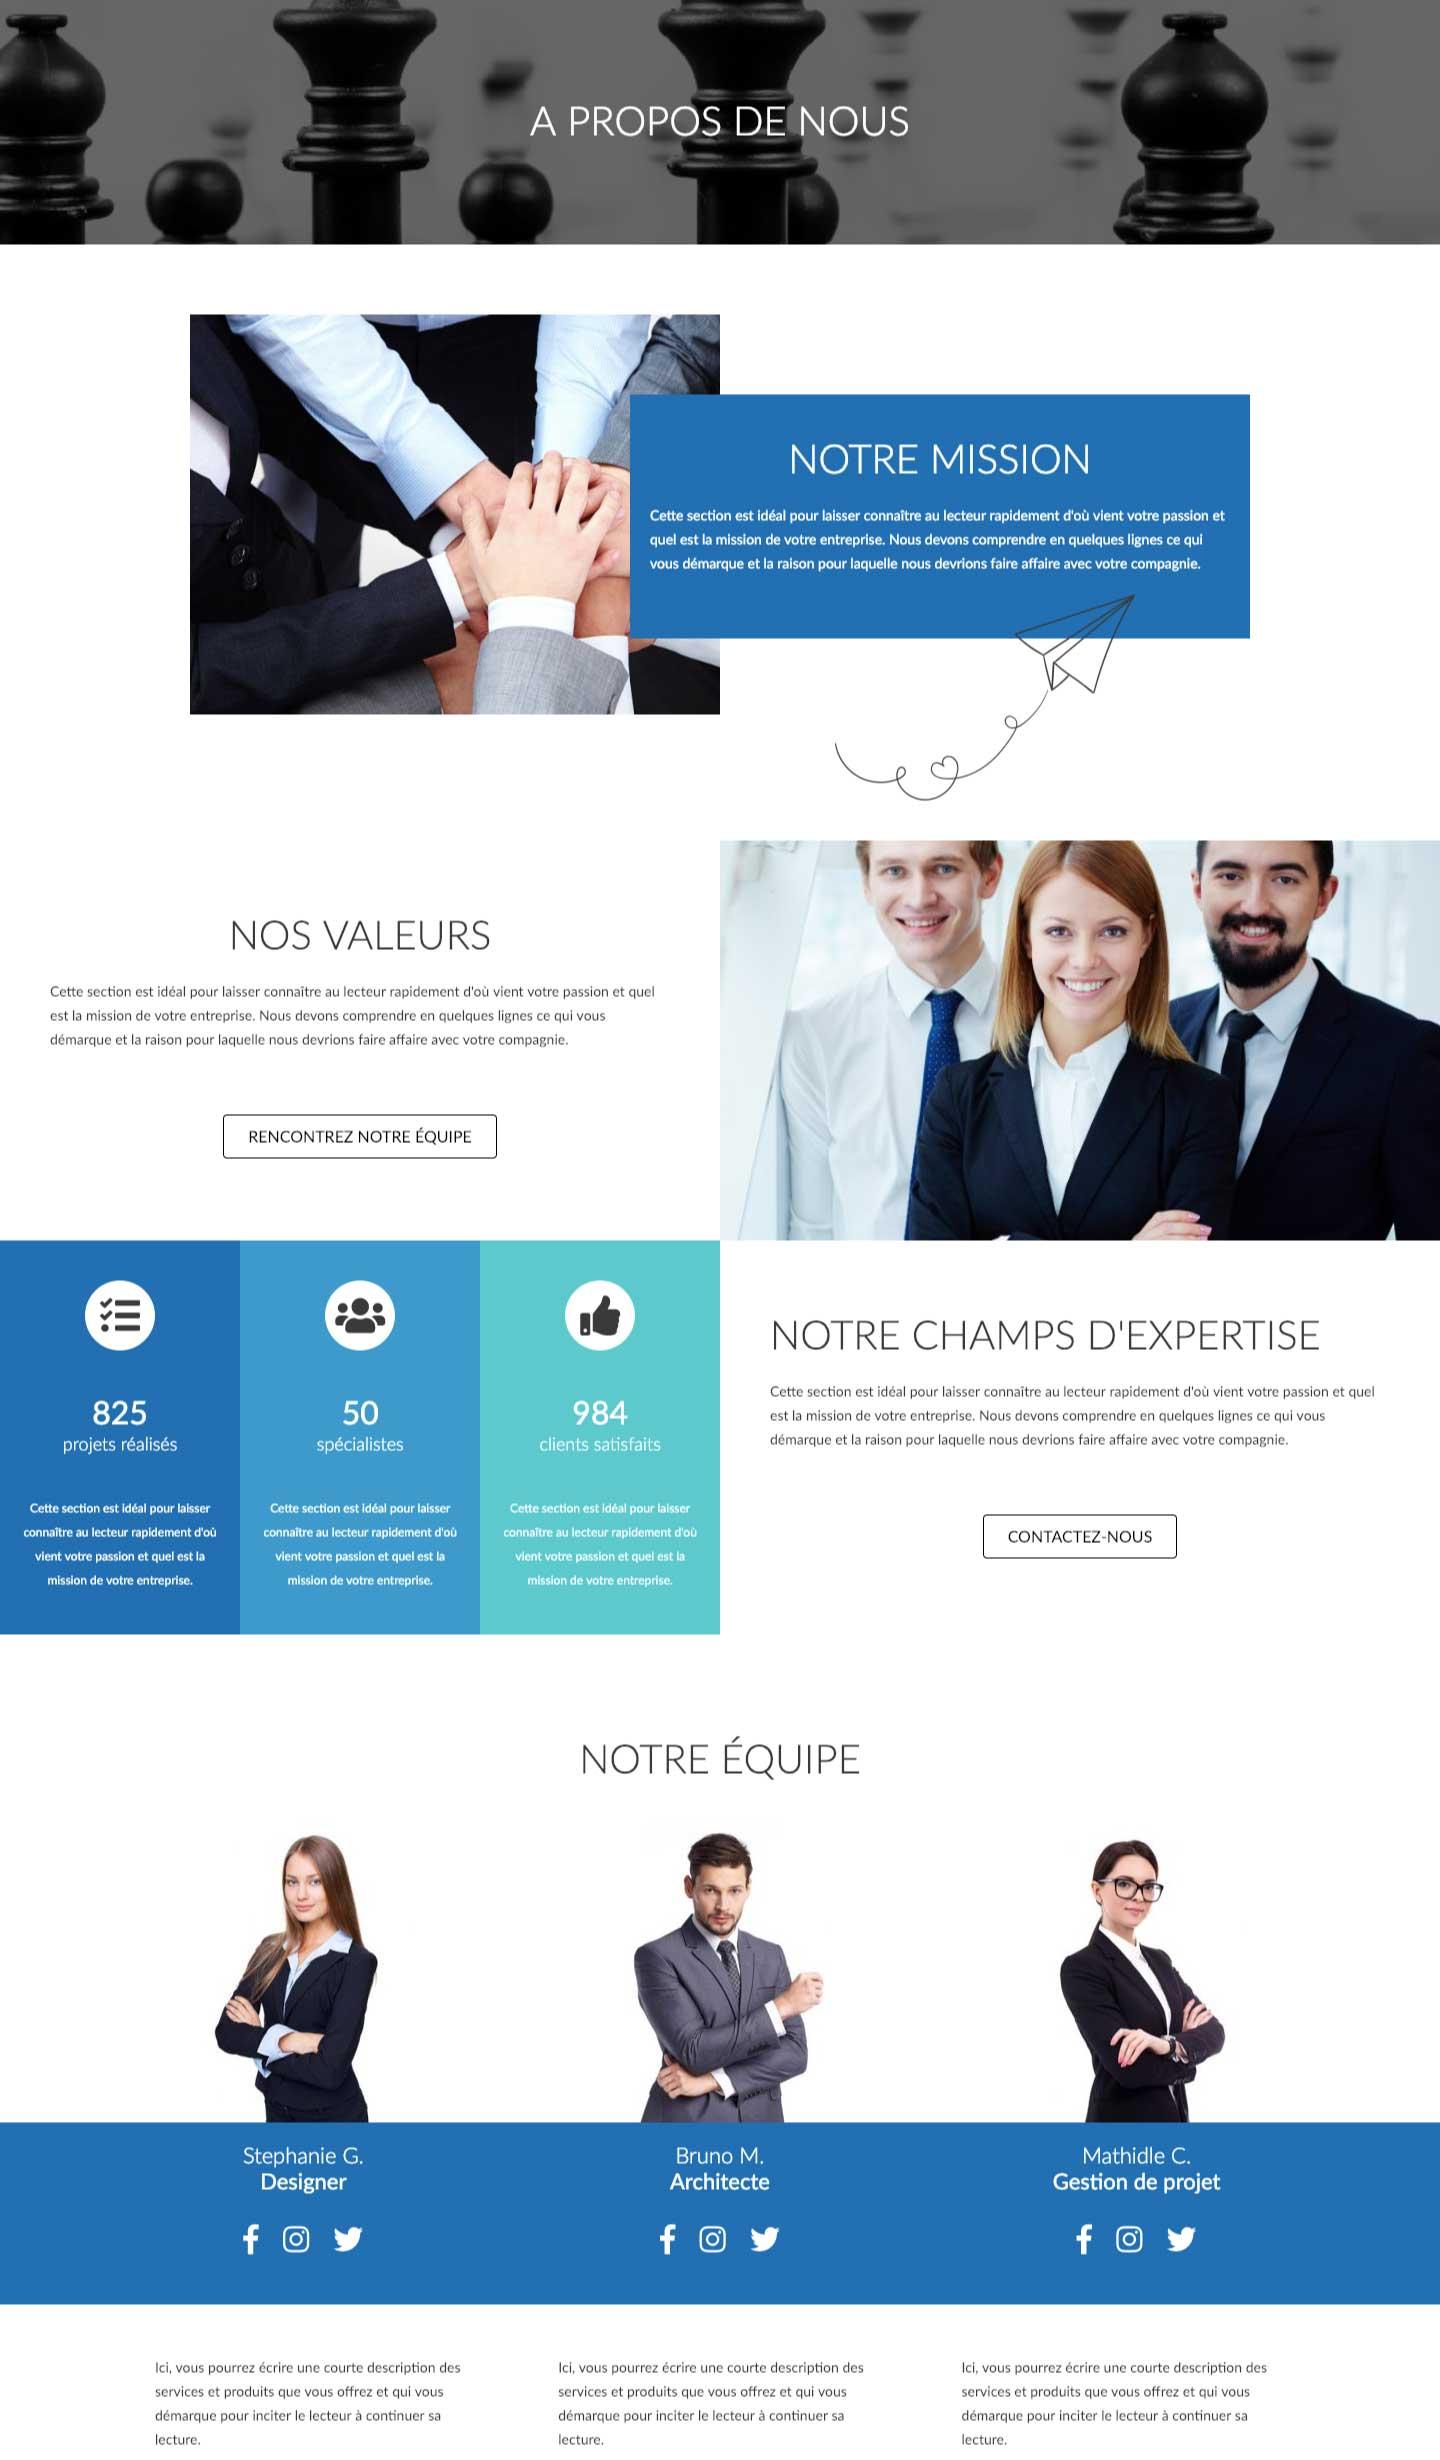 Modele-page-web-a-propos-couleur